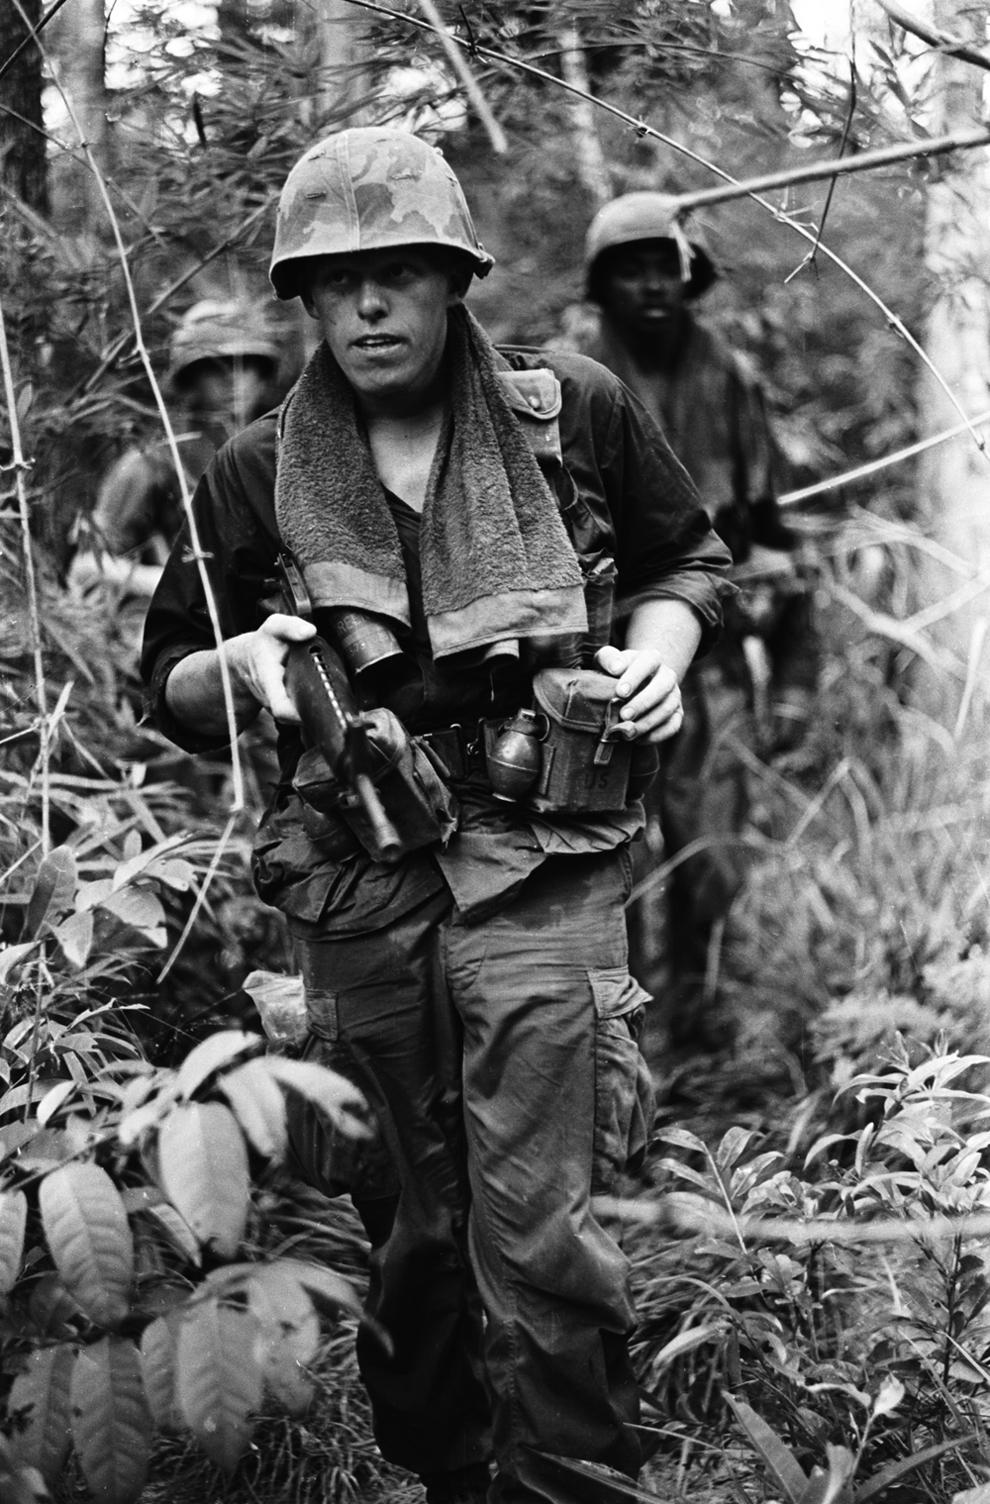 bp30 - Hình ảnh hiếm gây chấn động về cuộc chiến ở Việt Nam